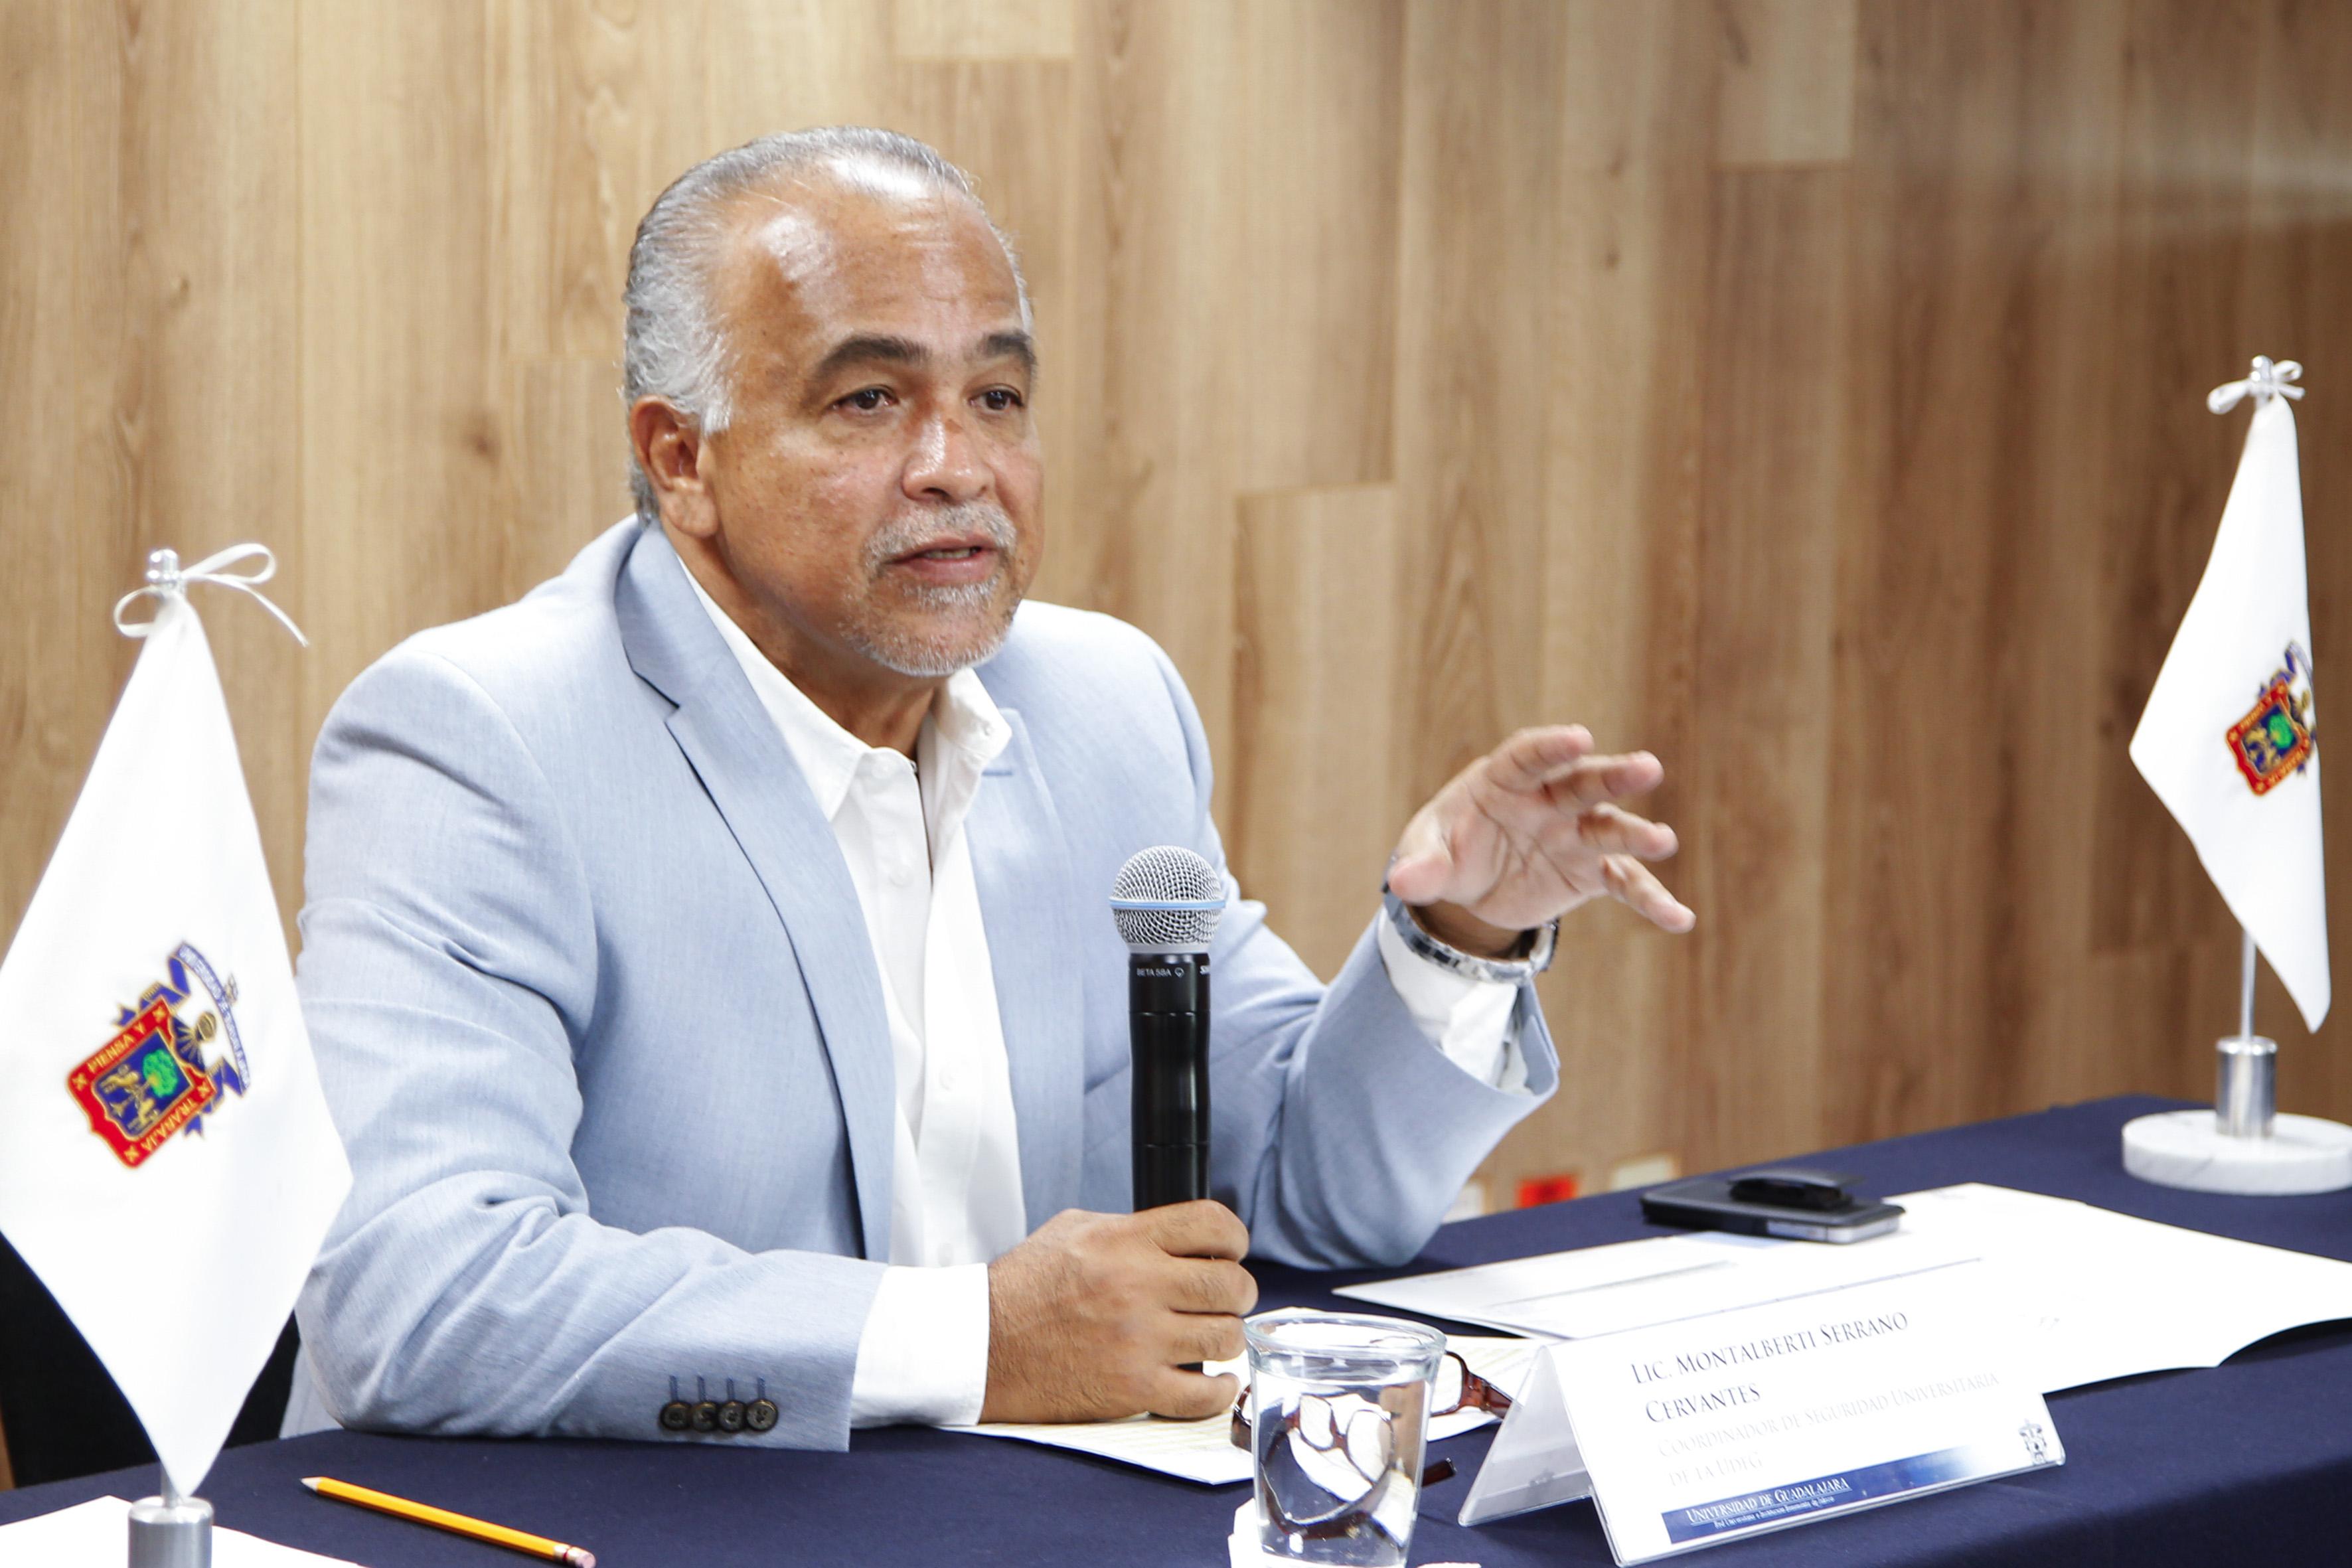 Licenciado Montalberti Serrano Cervantes Coordinador se seguridad Universitaria Haciendo uso de la palabra